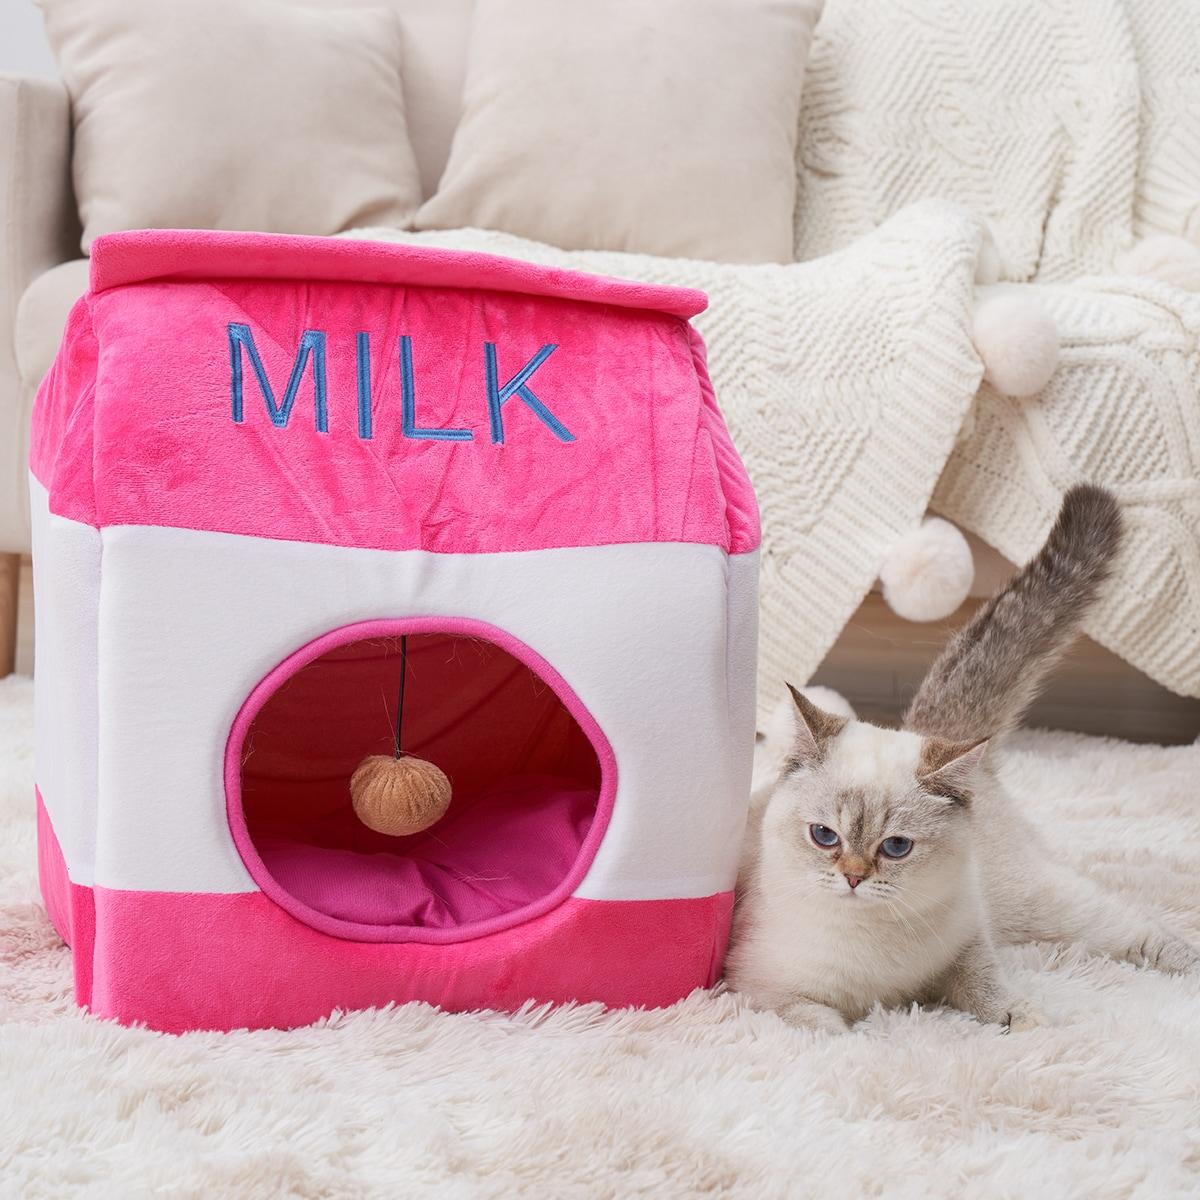 Milk Box Design Pet Bed